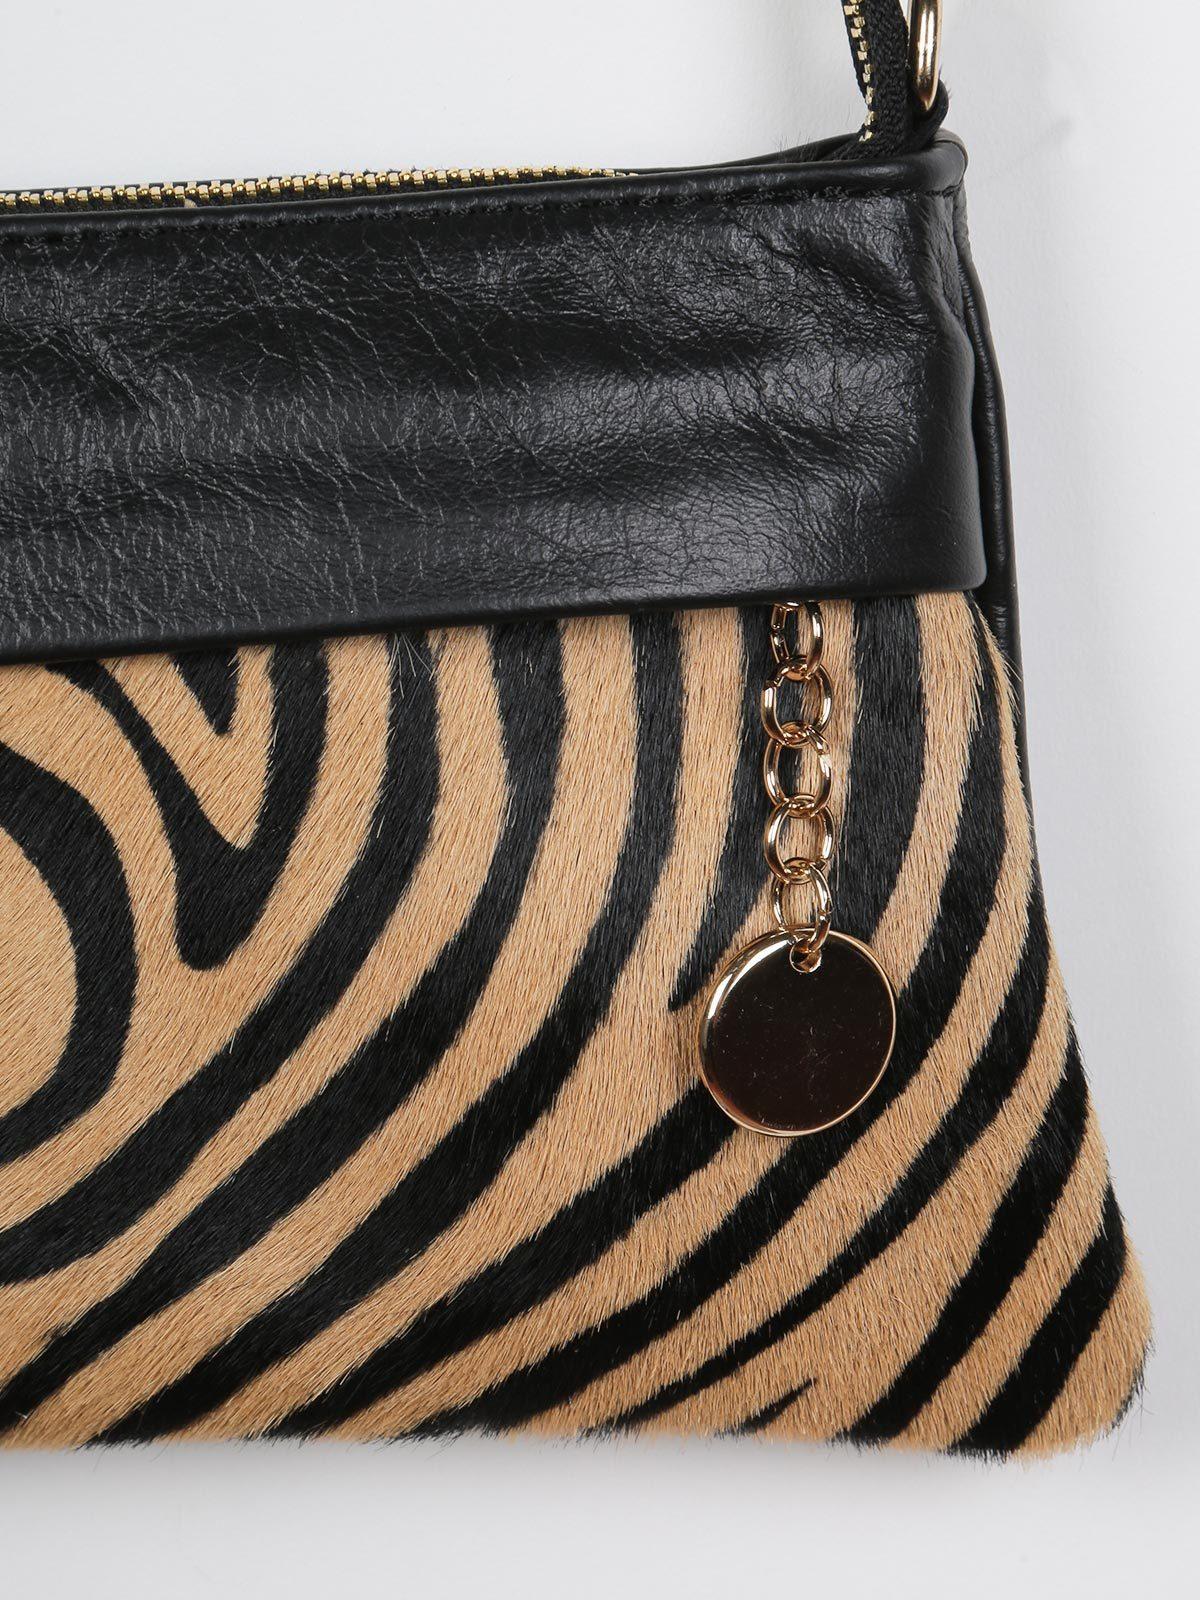 Pochette zebrata in pelle solada | MecShopping